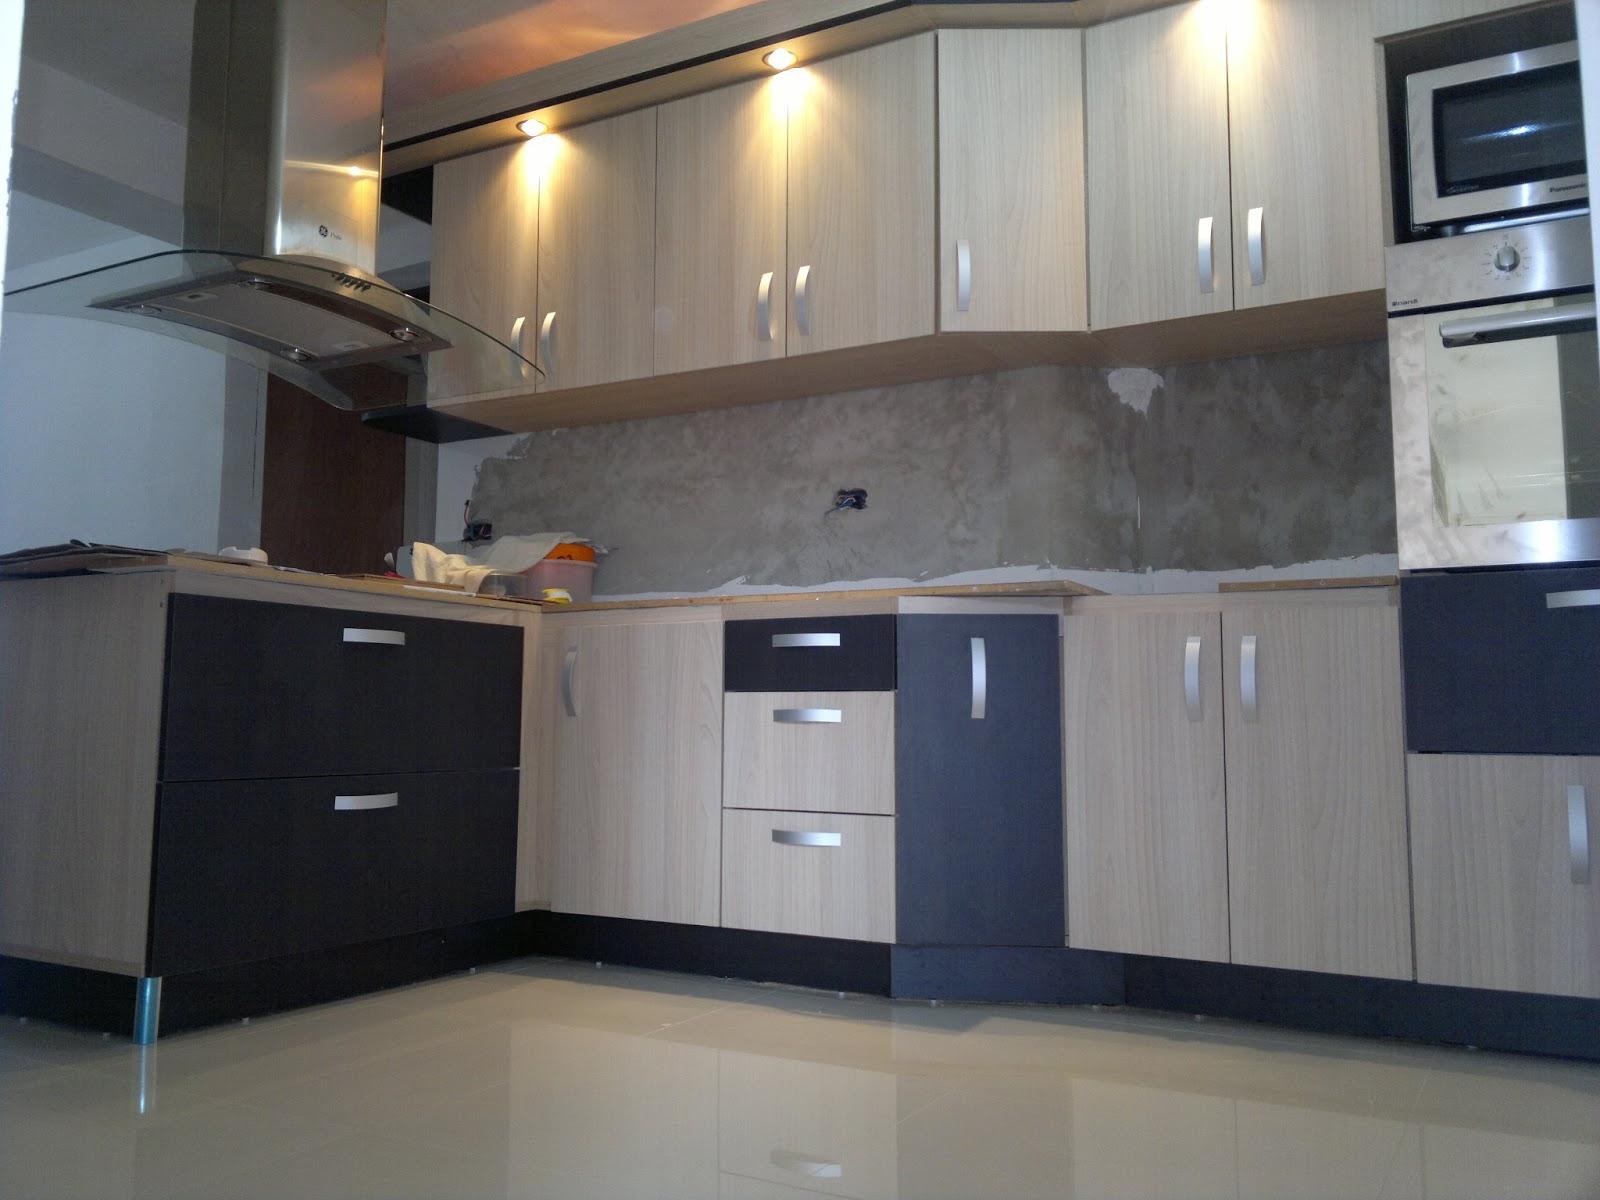 Muebles cocinas integrales y puertas la ceiba cocinas for Modulos cocinas integrales